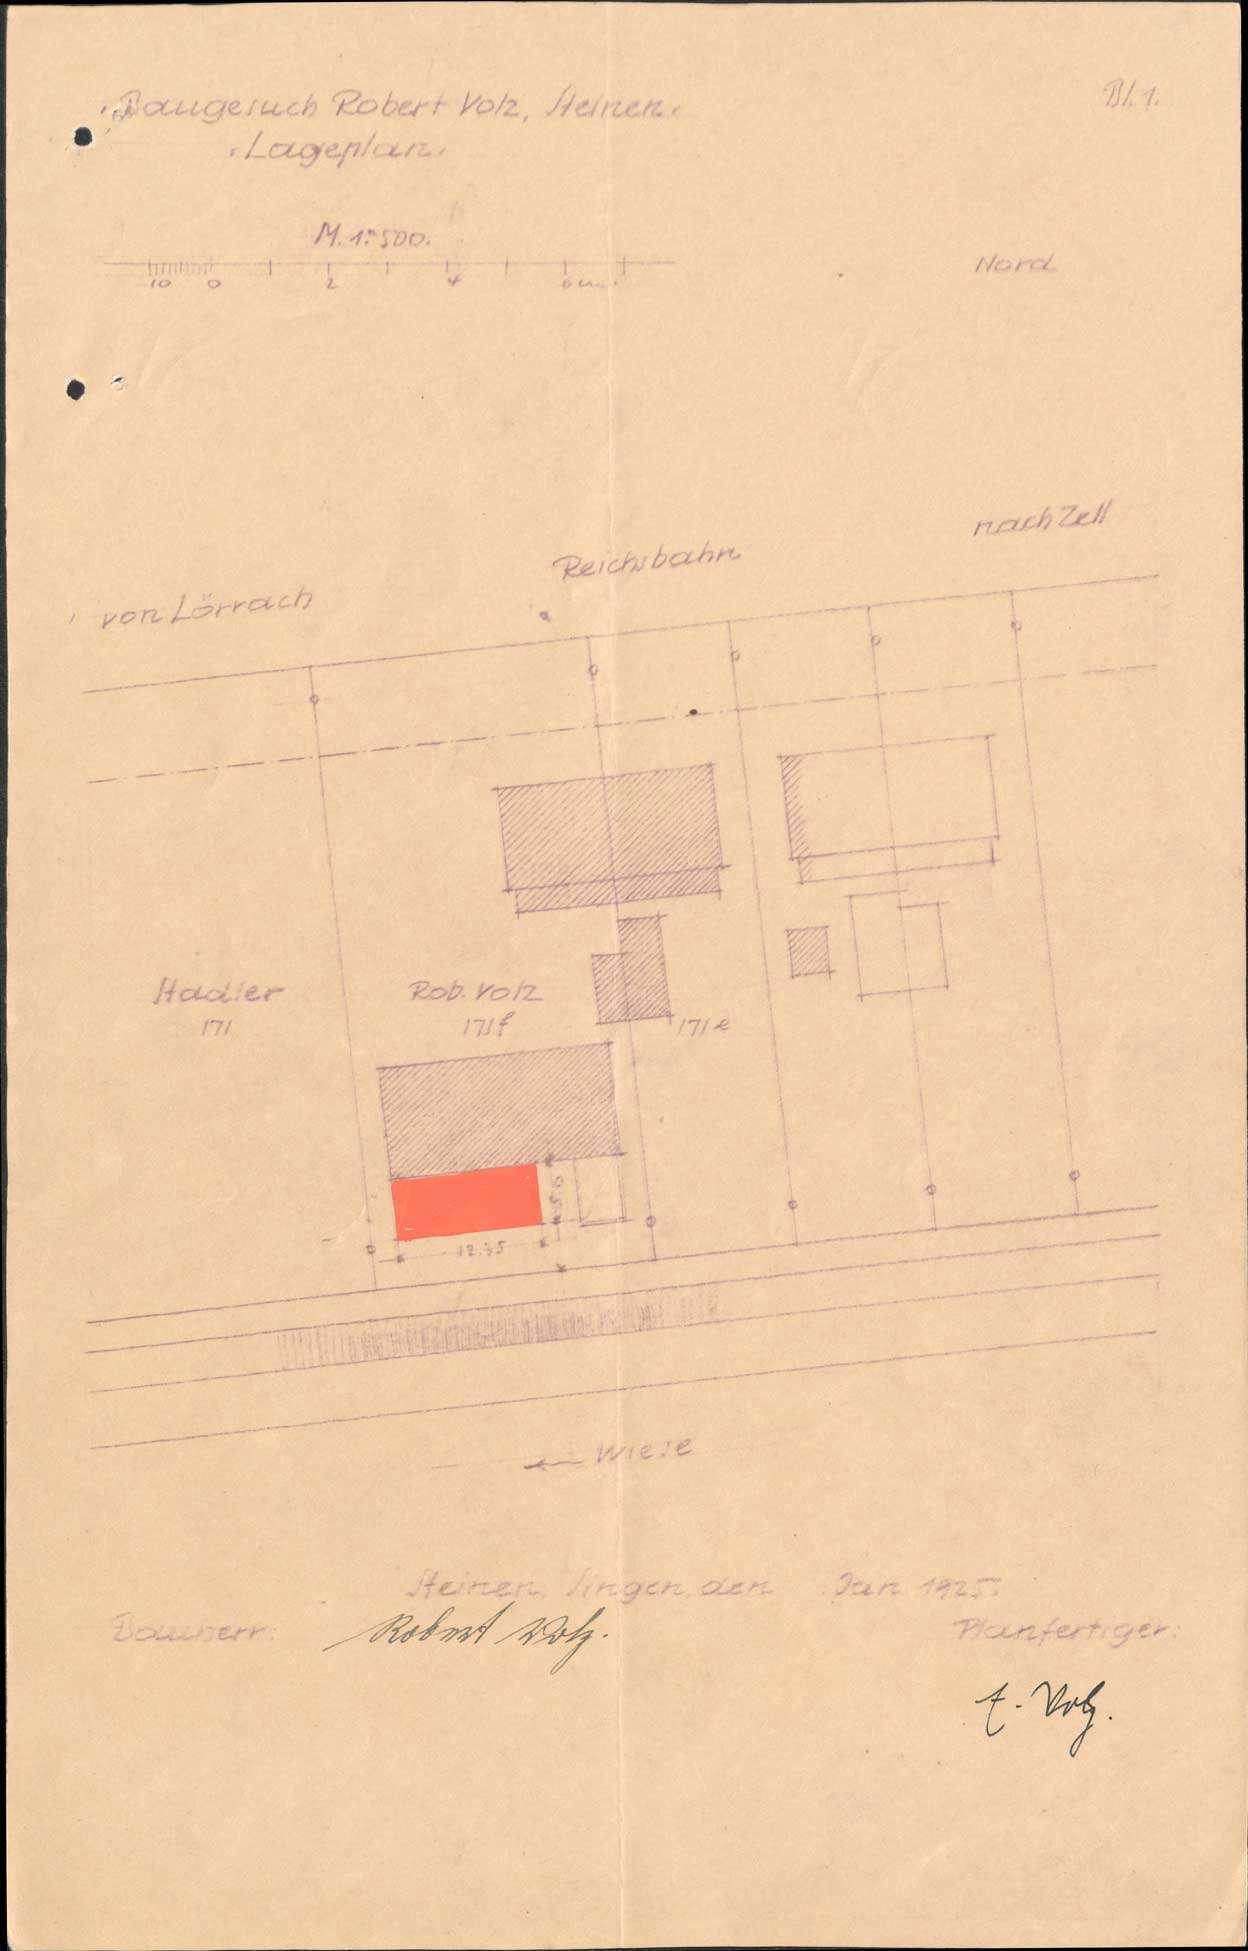 Gesuch des Landwirts Robert Volz von Steinen um Erlaubnis zur Anlegung eines Kalkbrennofens auf Gemarkung Höllstein, Bild 3